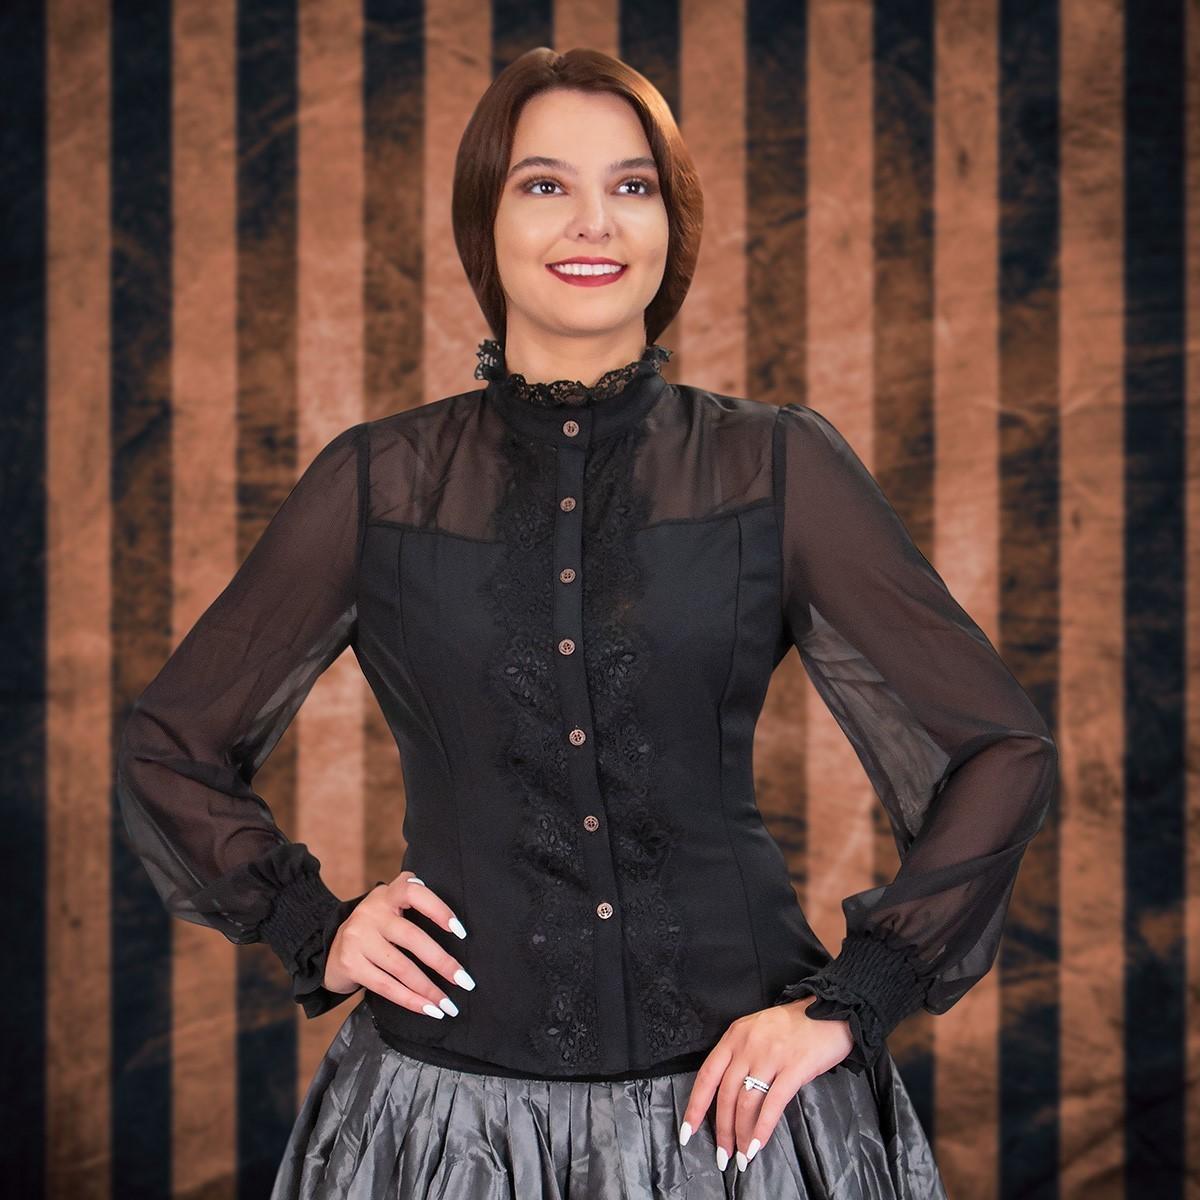 Sheer Period Black Steampunk Shirt